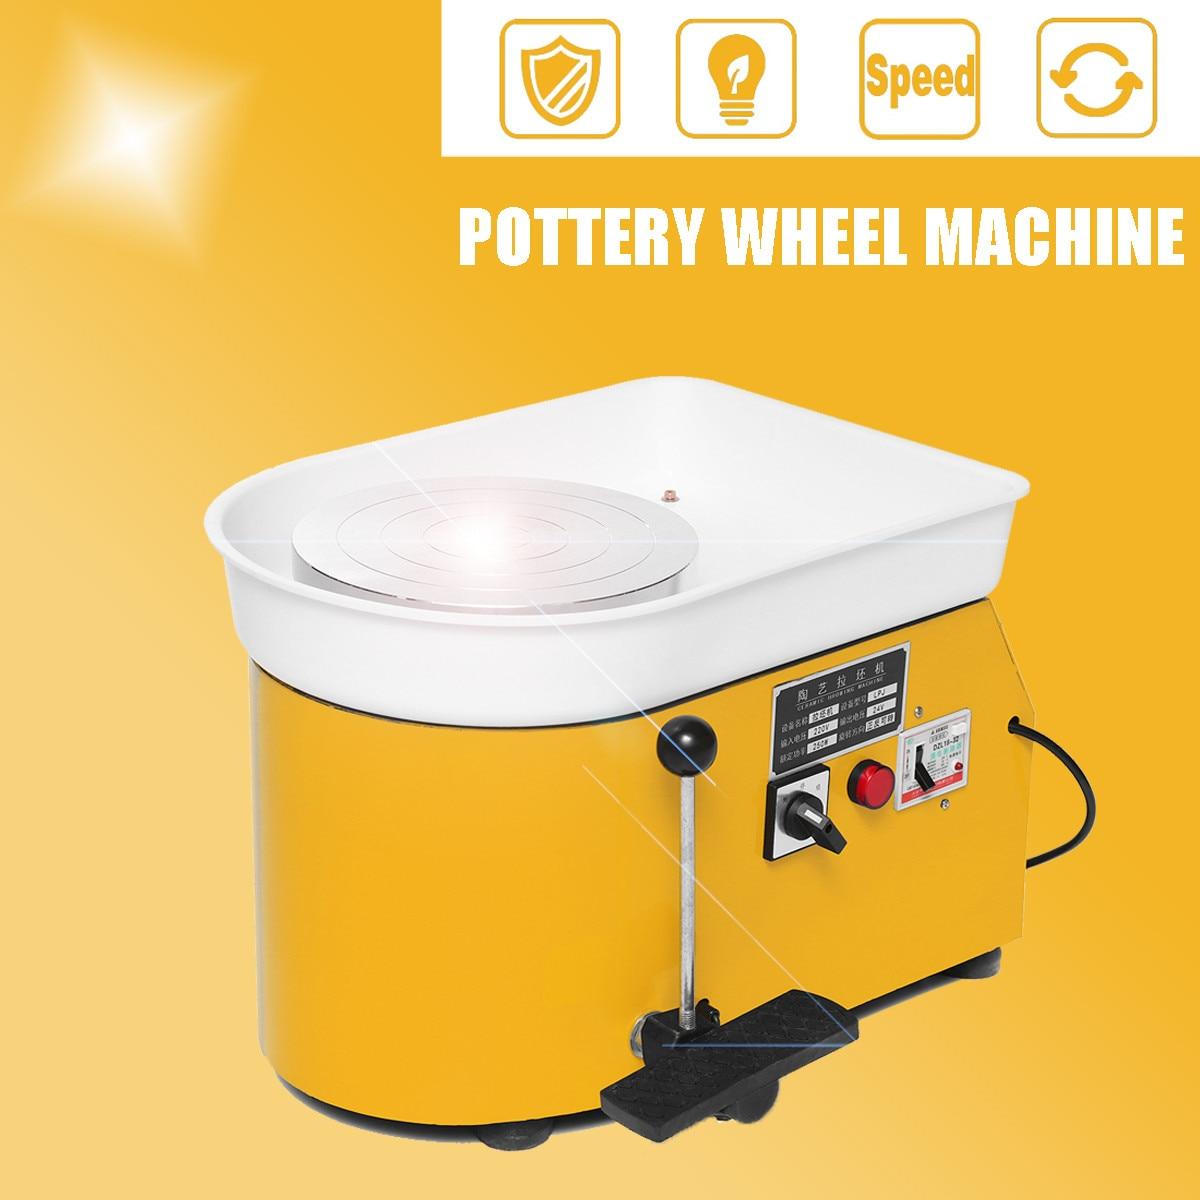 350 W 110 V US élégant jaune électrique poterie roue Machine accessoire céramique argile outil pied pédale Art artisanat